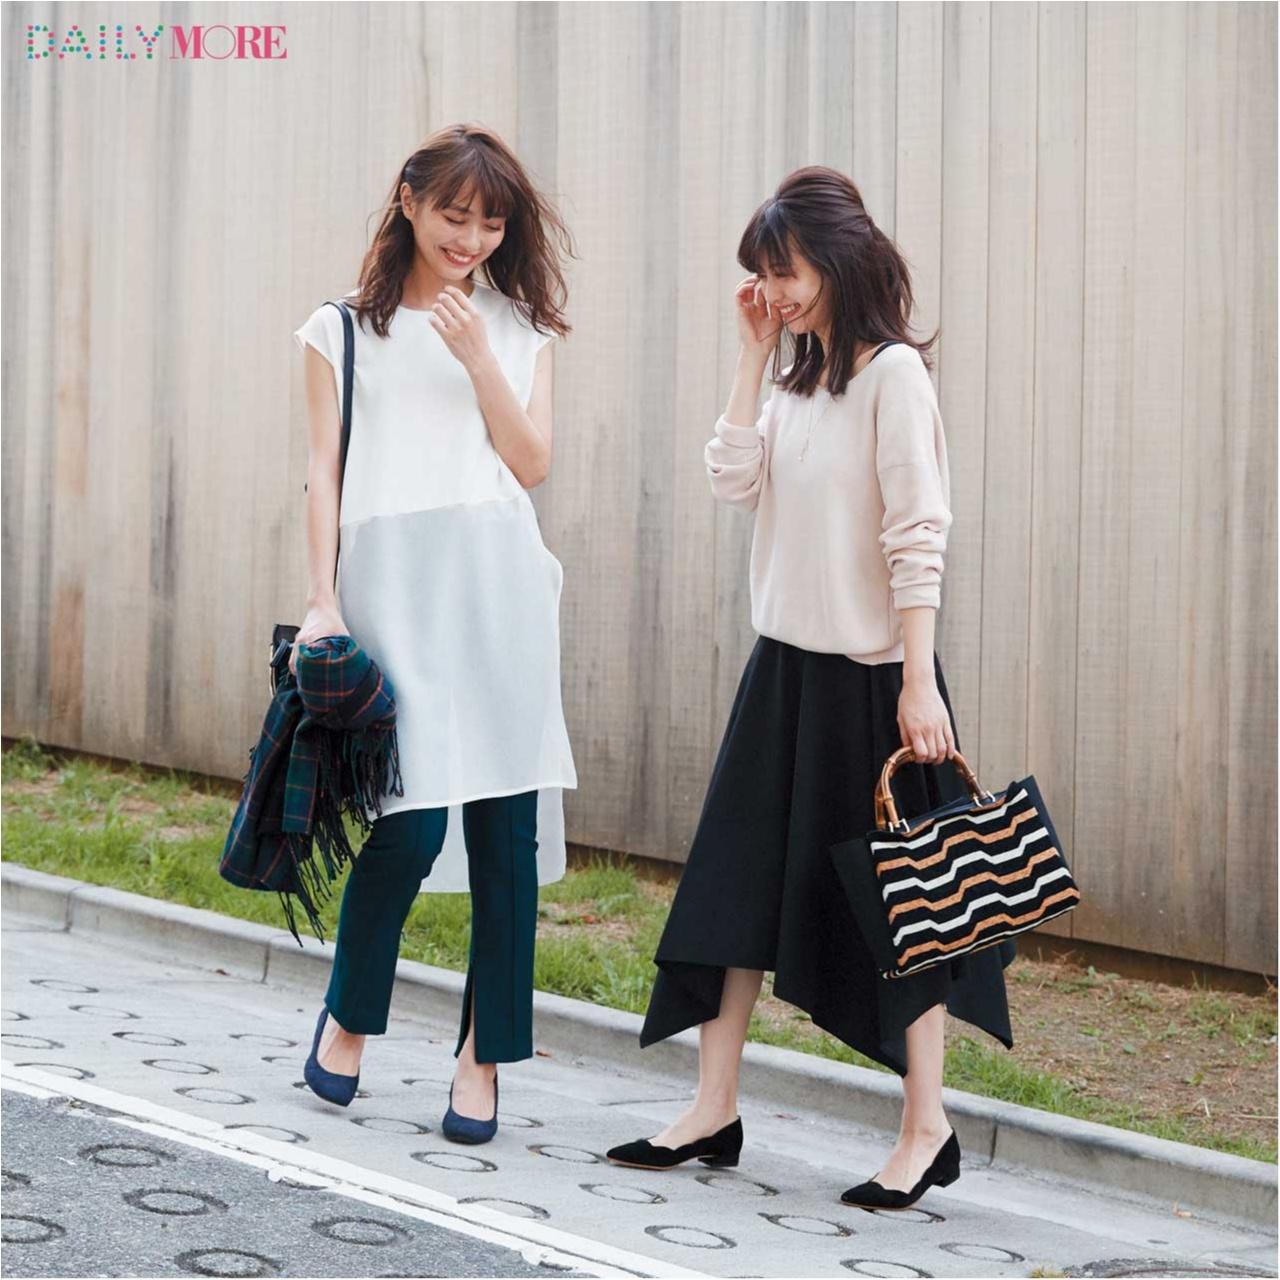 【月→水で同じ服を着てもバレない⁉】秋のお仕事コーデには、着方で激変する2wayワンピがマストです☆_1_4